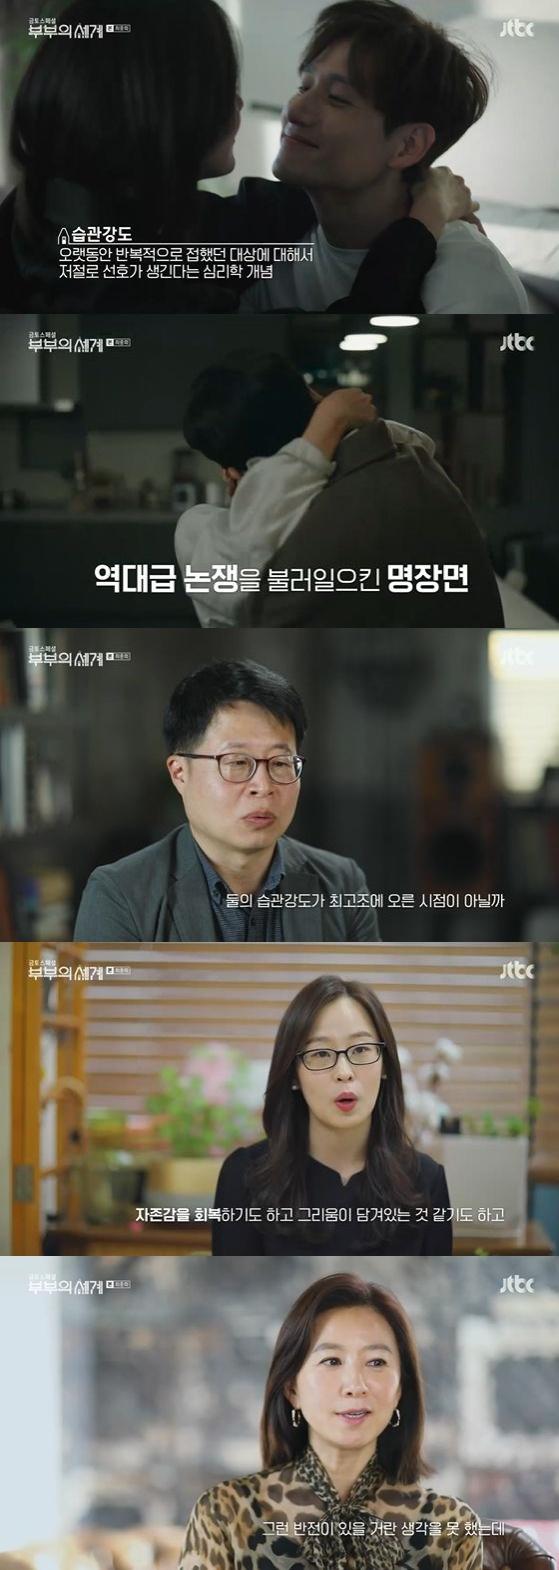 /사진= JTBC '부부의 세계 스페셜' 방송화면 캡쳐